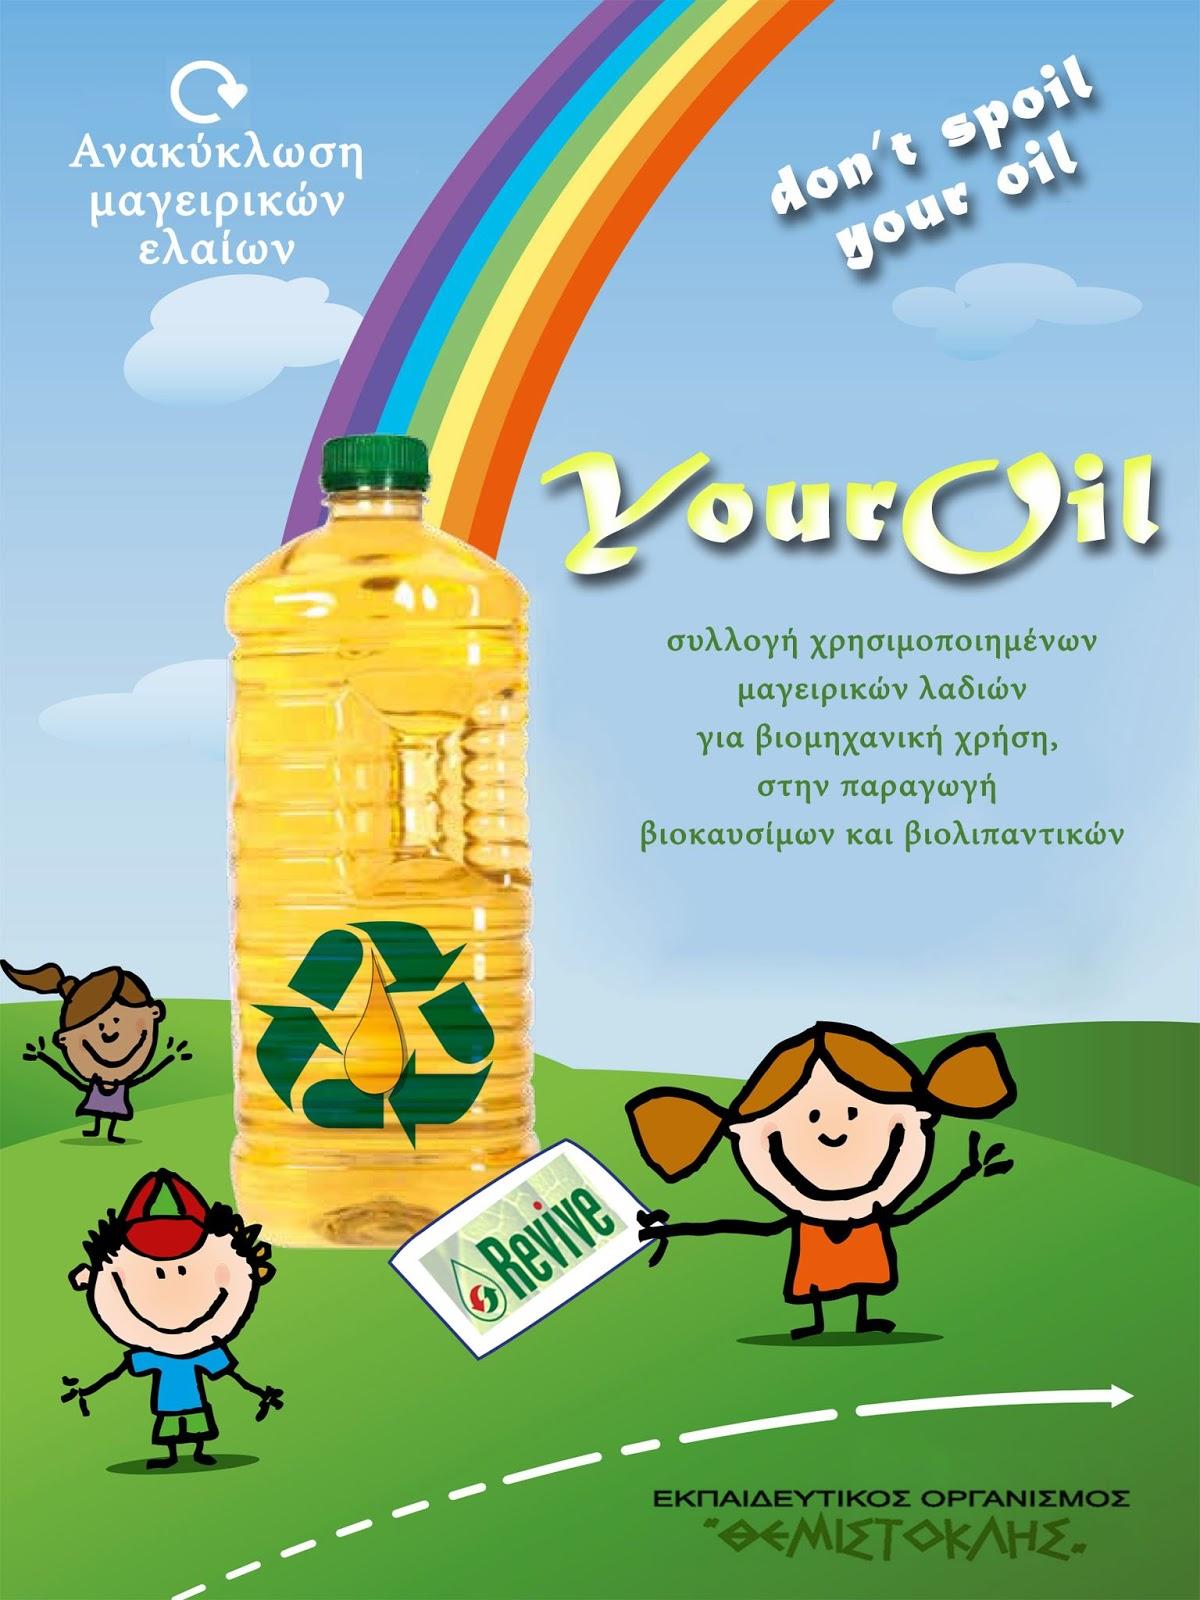 Η Your Oil στον Πανελλήνιο Διαγωνισμό Επιχειρηματικότητας